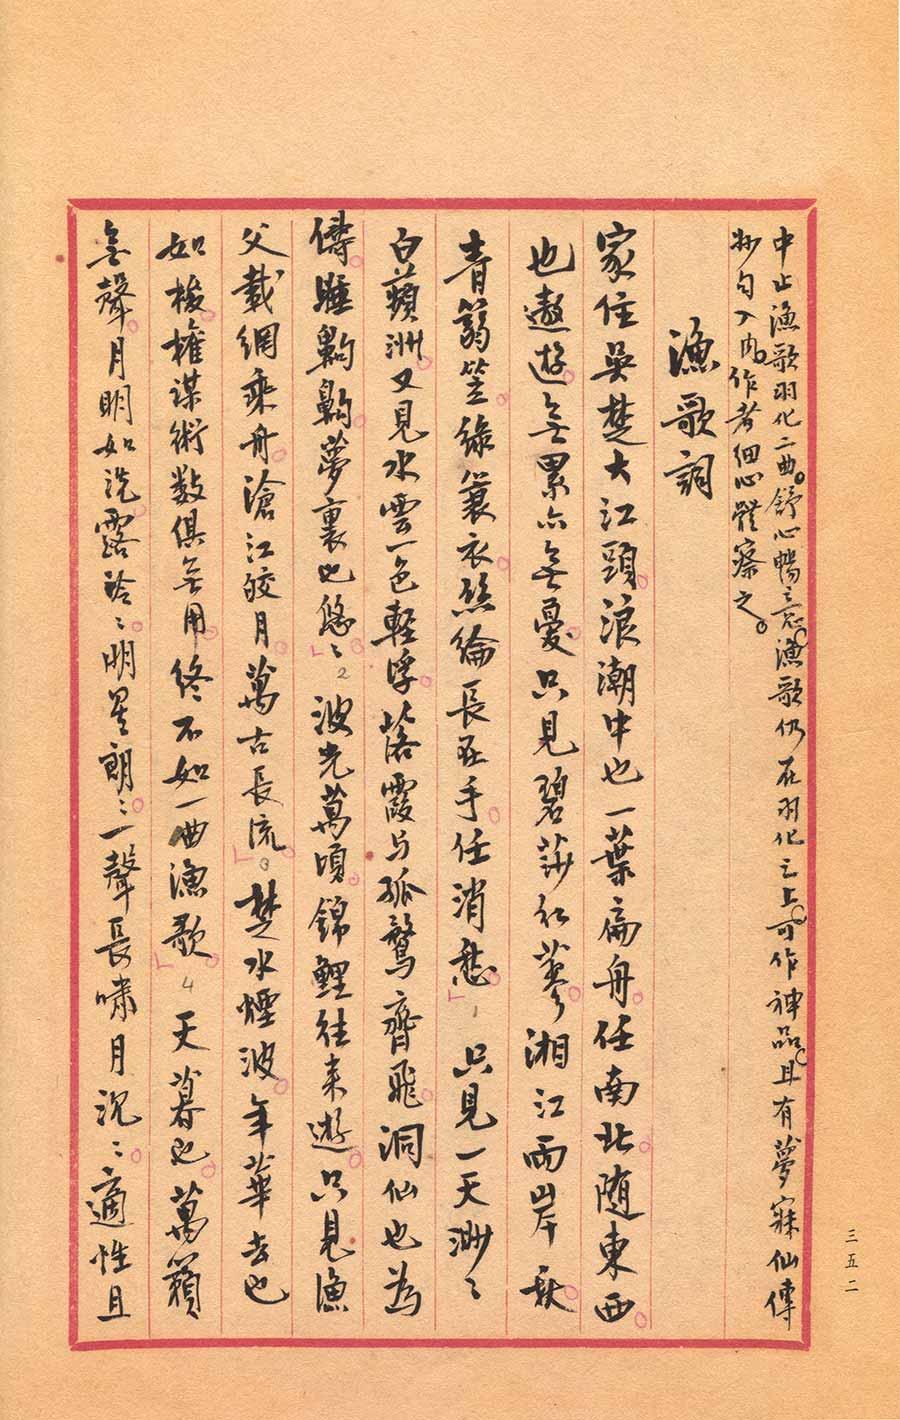 Manuscrit du Chant du Pêcheur. p. 1, par Cai L